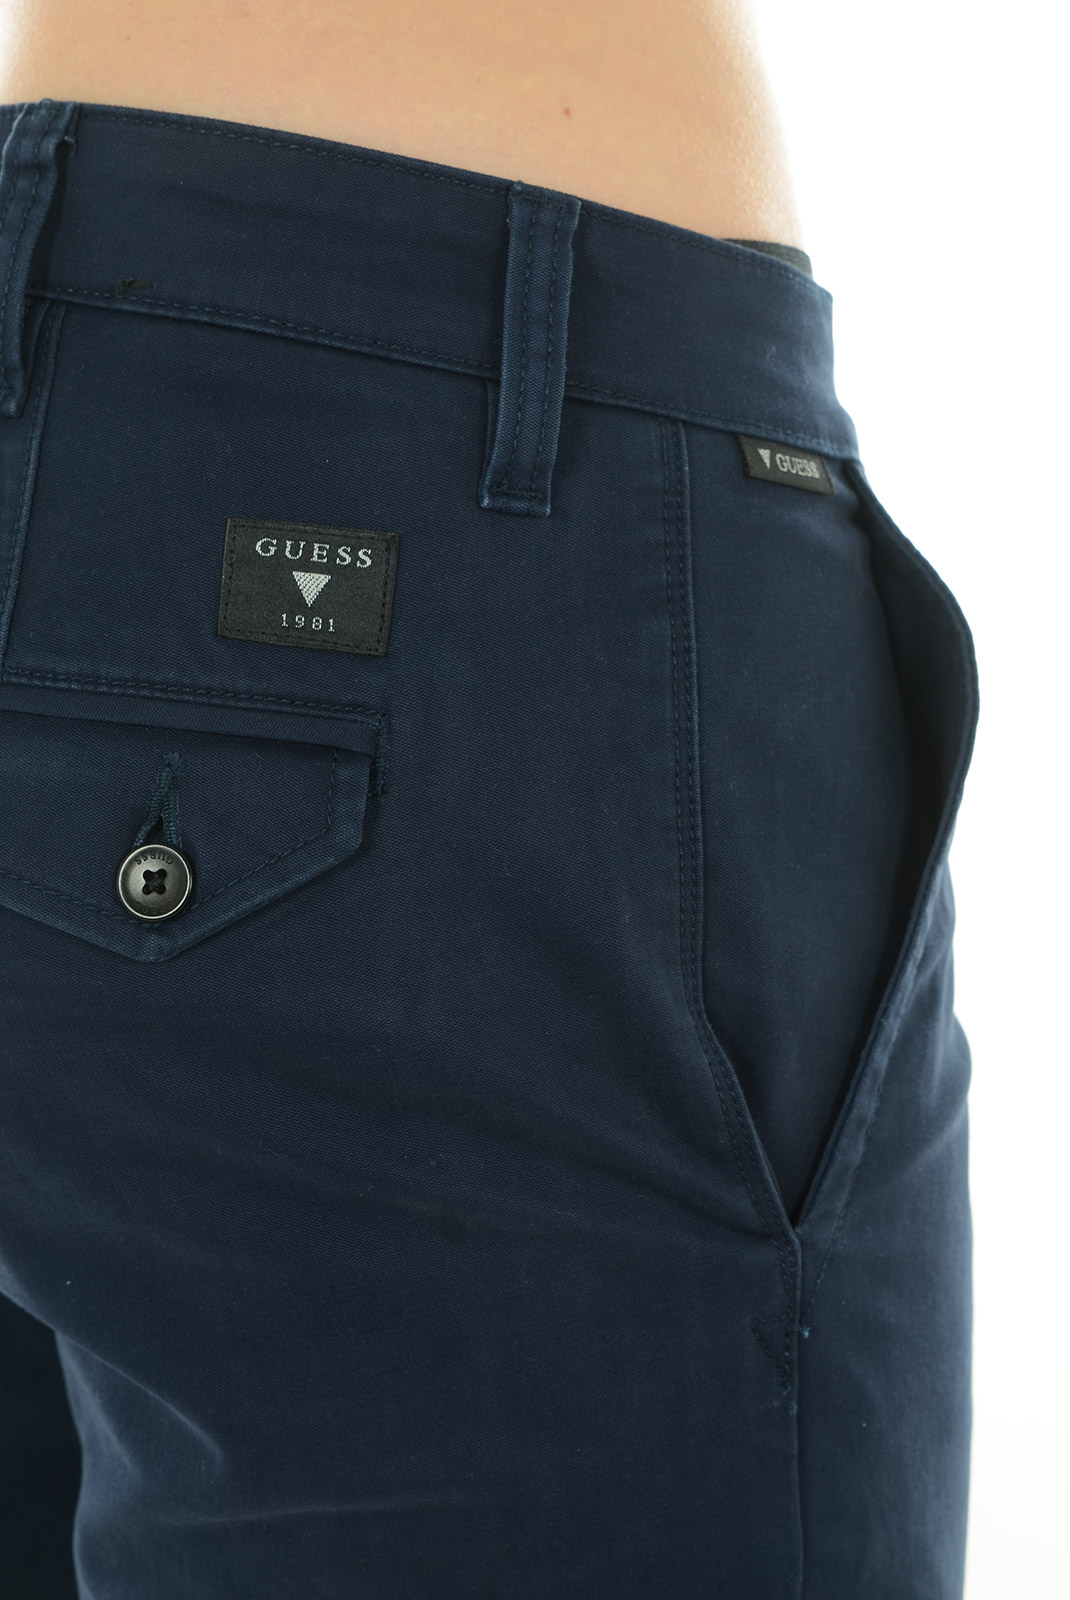 Pantalons chino/citadin  Guess jeans M44B00W5ZJ0 G720 BLEU